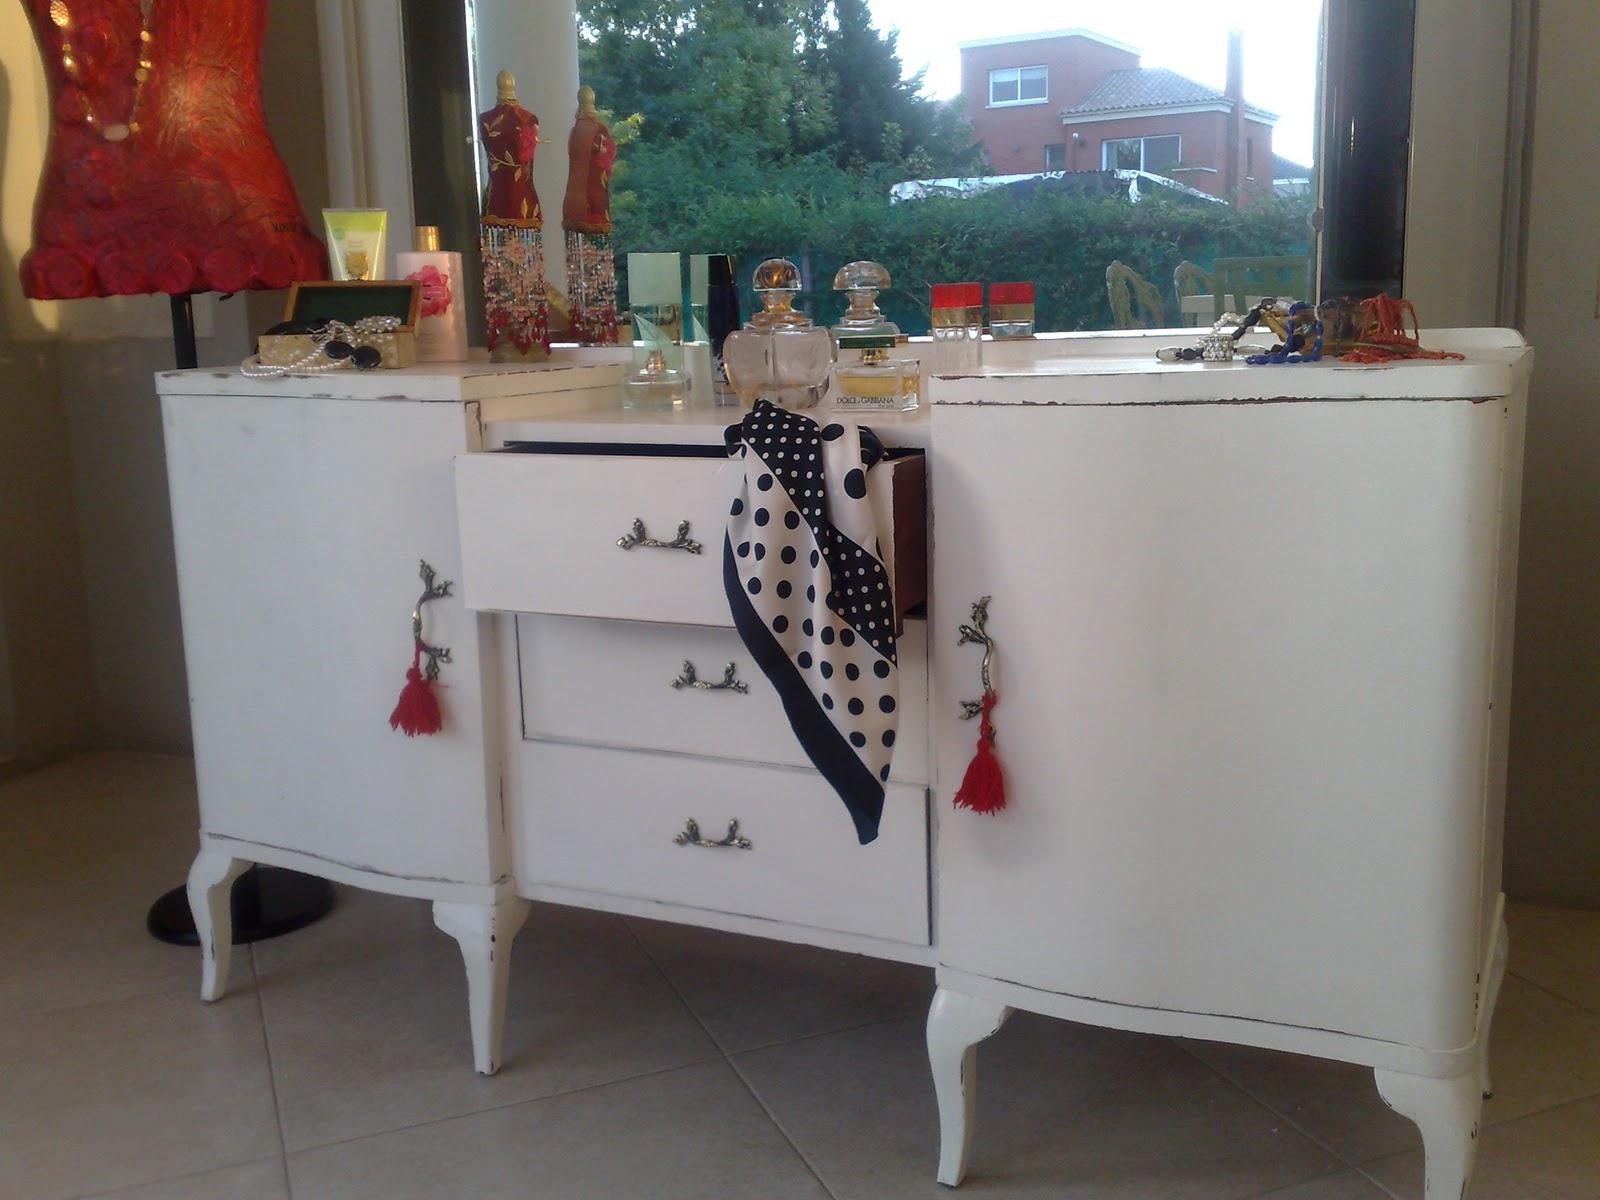 Muebles algarrobo pintados blanco 20170724194302 - Armarios pintados a mano ...